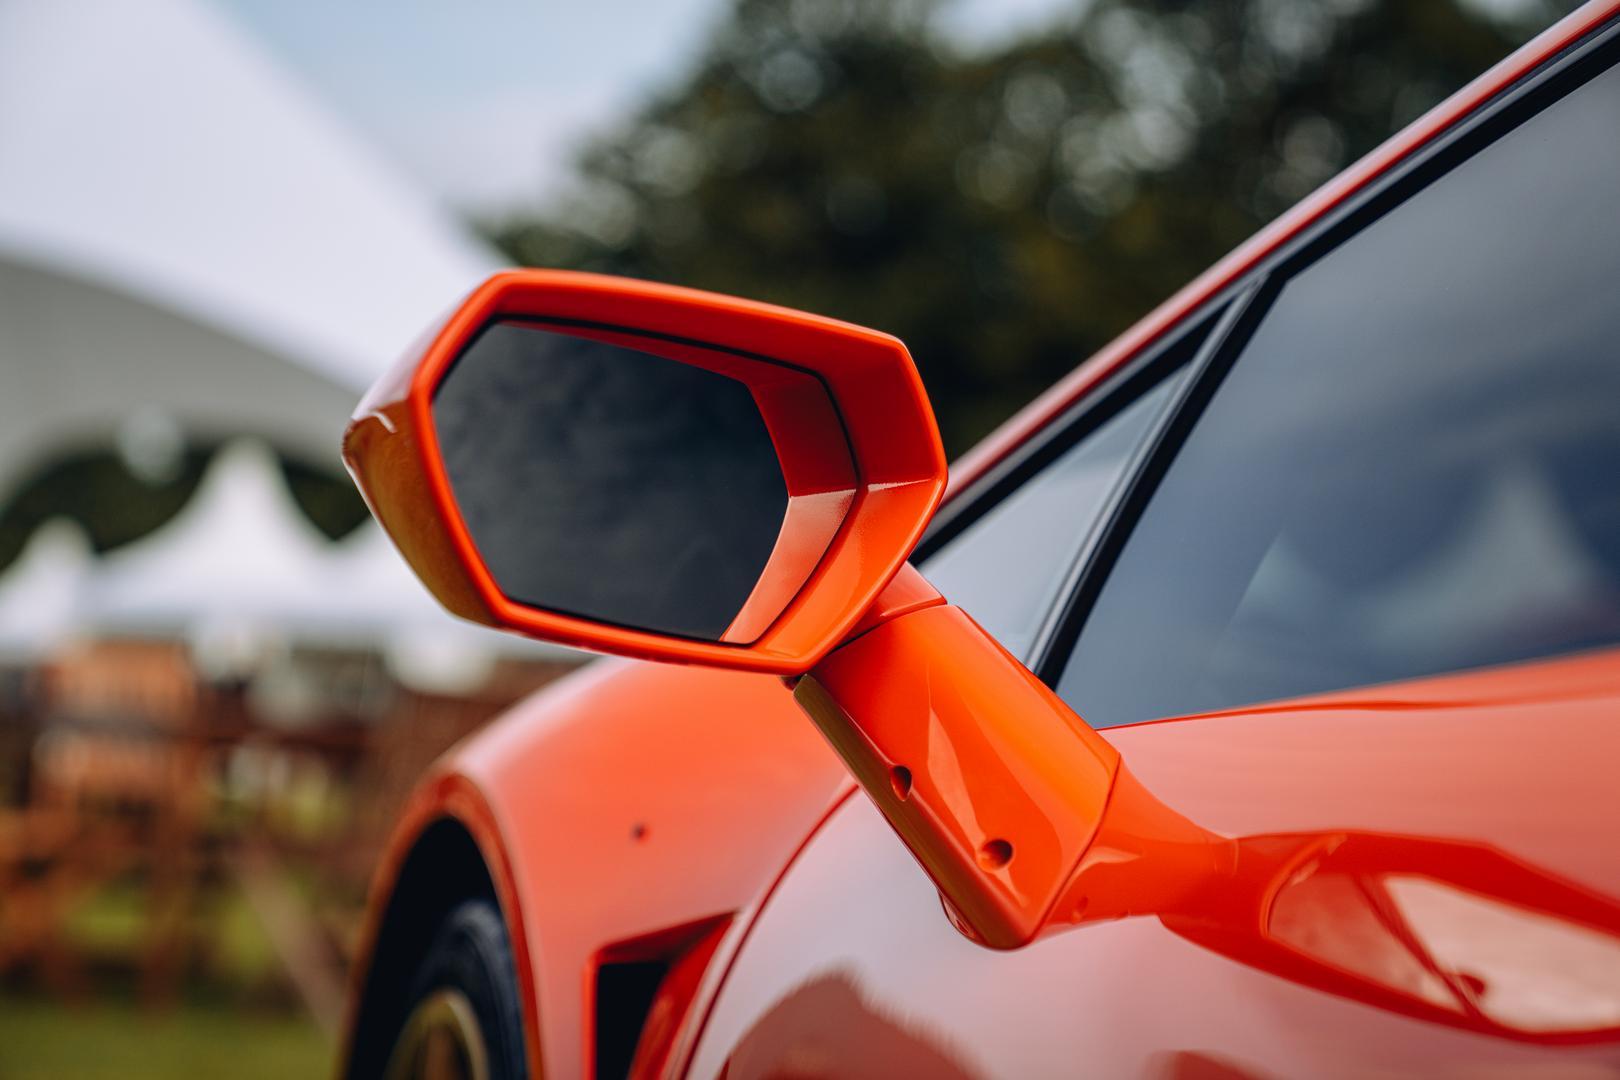 Rayo Huracan Twin-Turbo side mirror